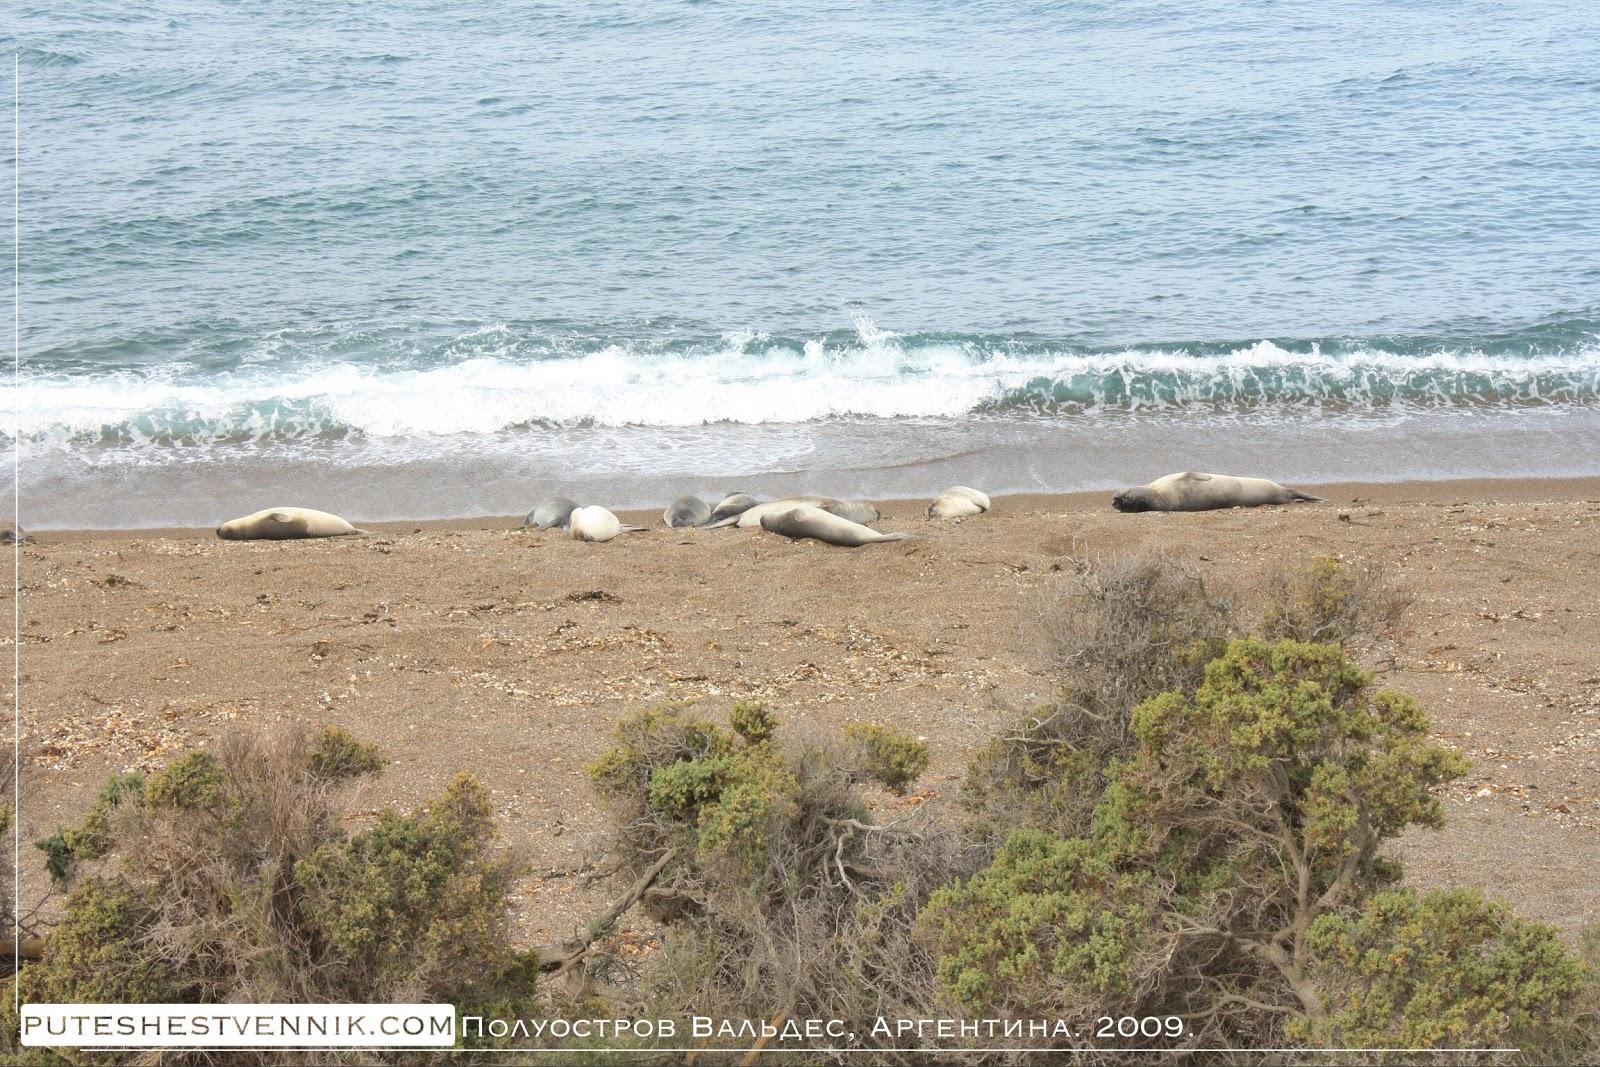 Морские млекопитающие на берегу Атлантического океана